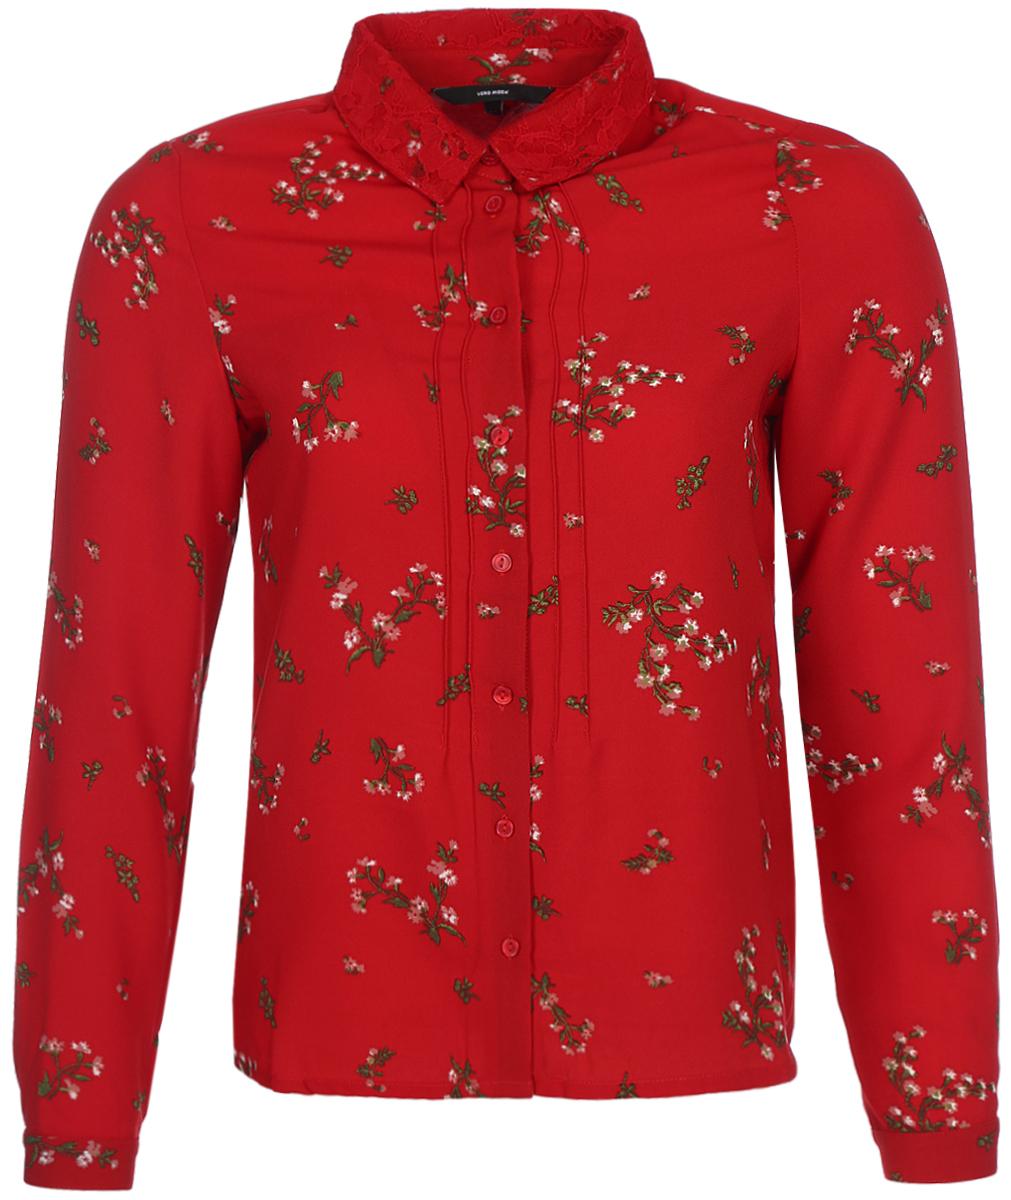 Блузка женская Vero Moda, цвет: красный. 10189784_Lychee. Размер 42/4410189784_LycheeСтильная блузка, выполненная из 100% полиэстера, отлично дополнит ваш образ. Модель с отложным воротником и длинными рукавами спереди застегивается на пуговицы.